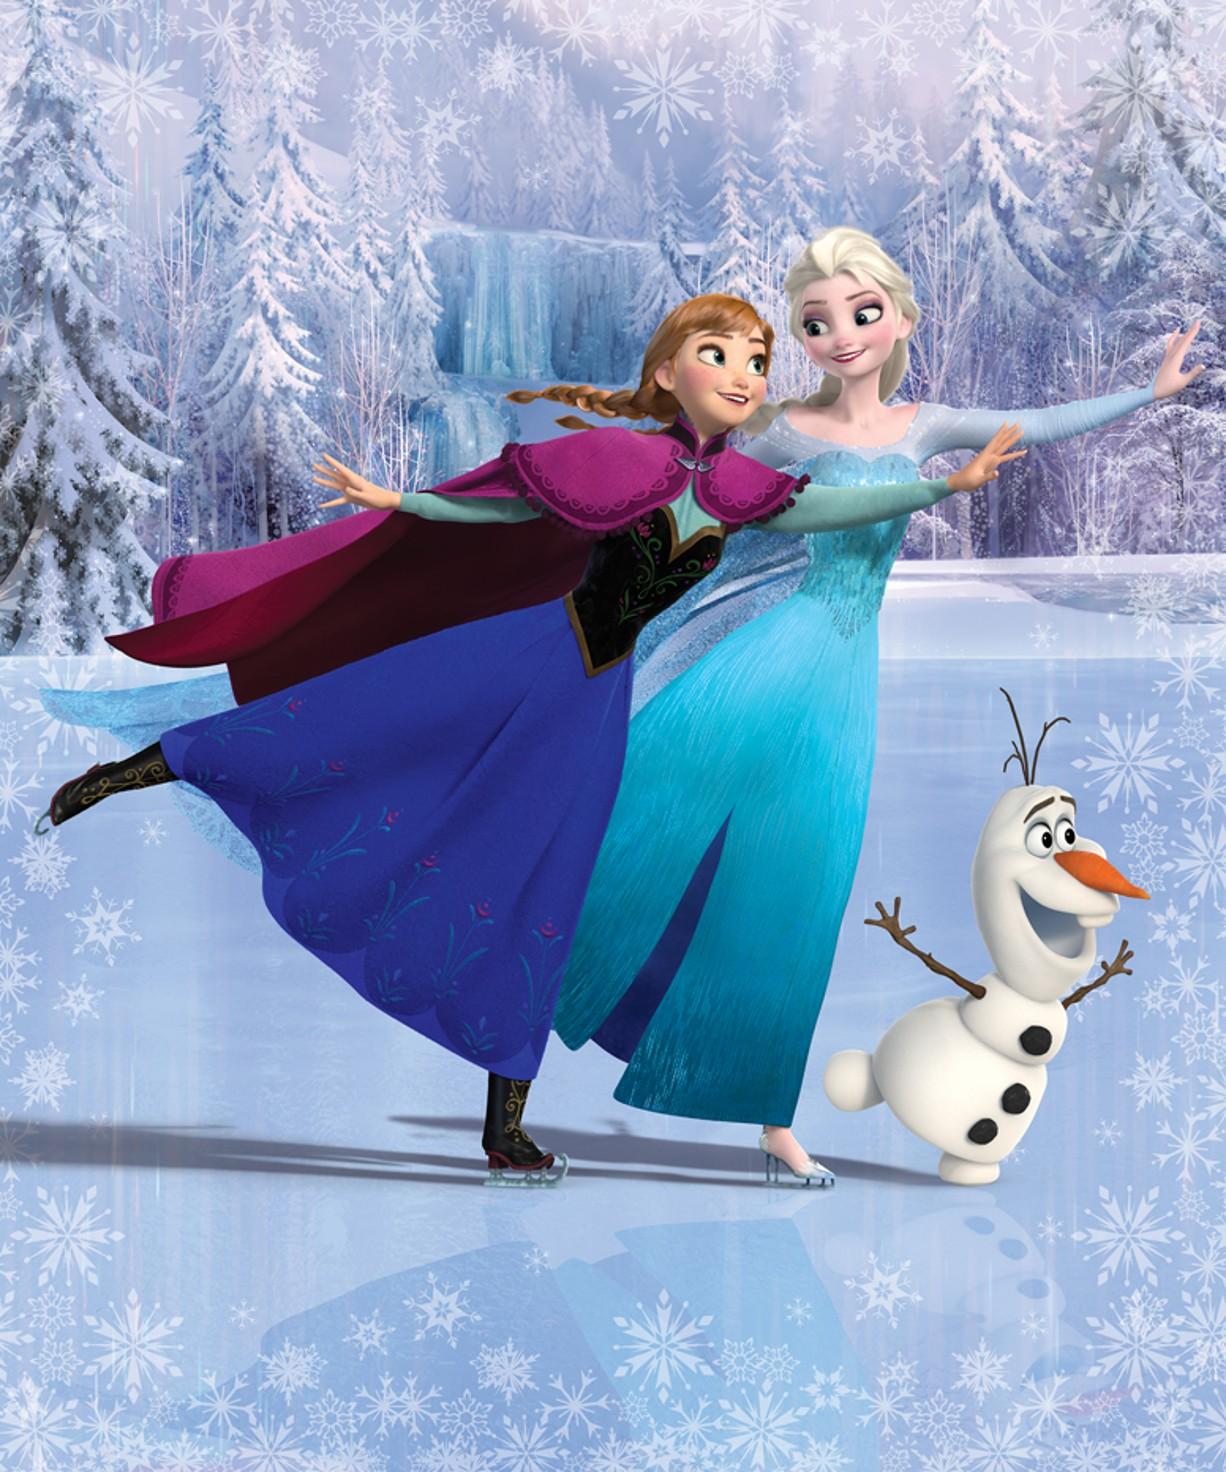 Fototapeta Walltastic Frozen 2 - 203 x 243 cm